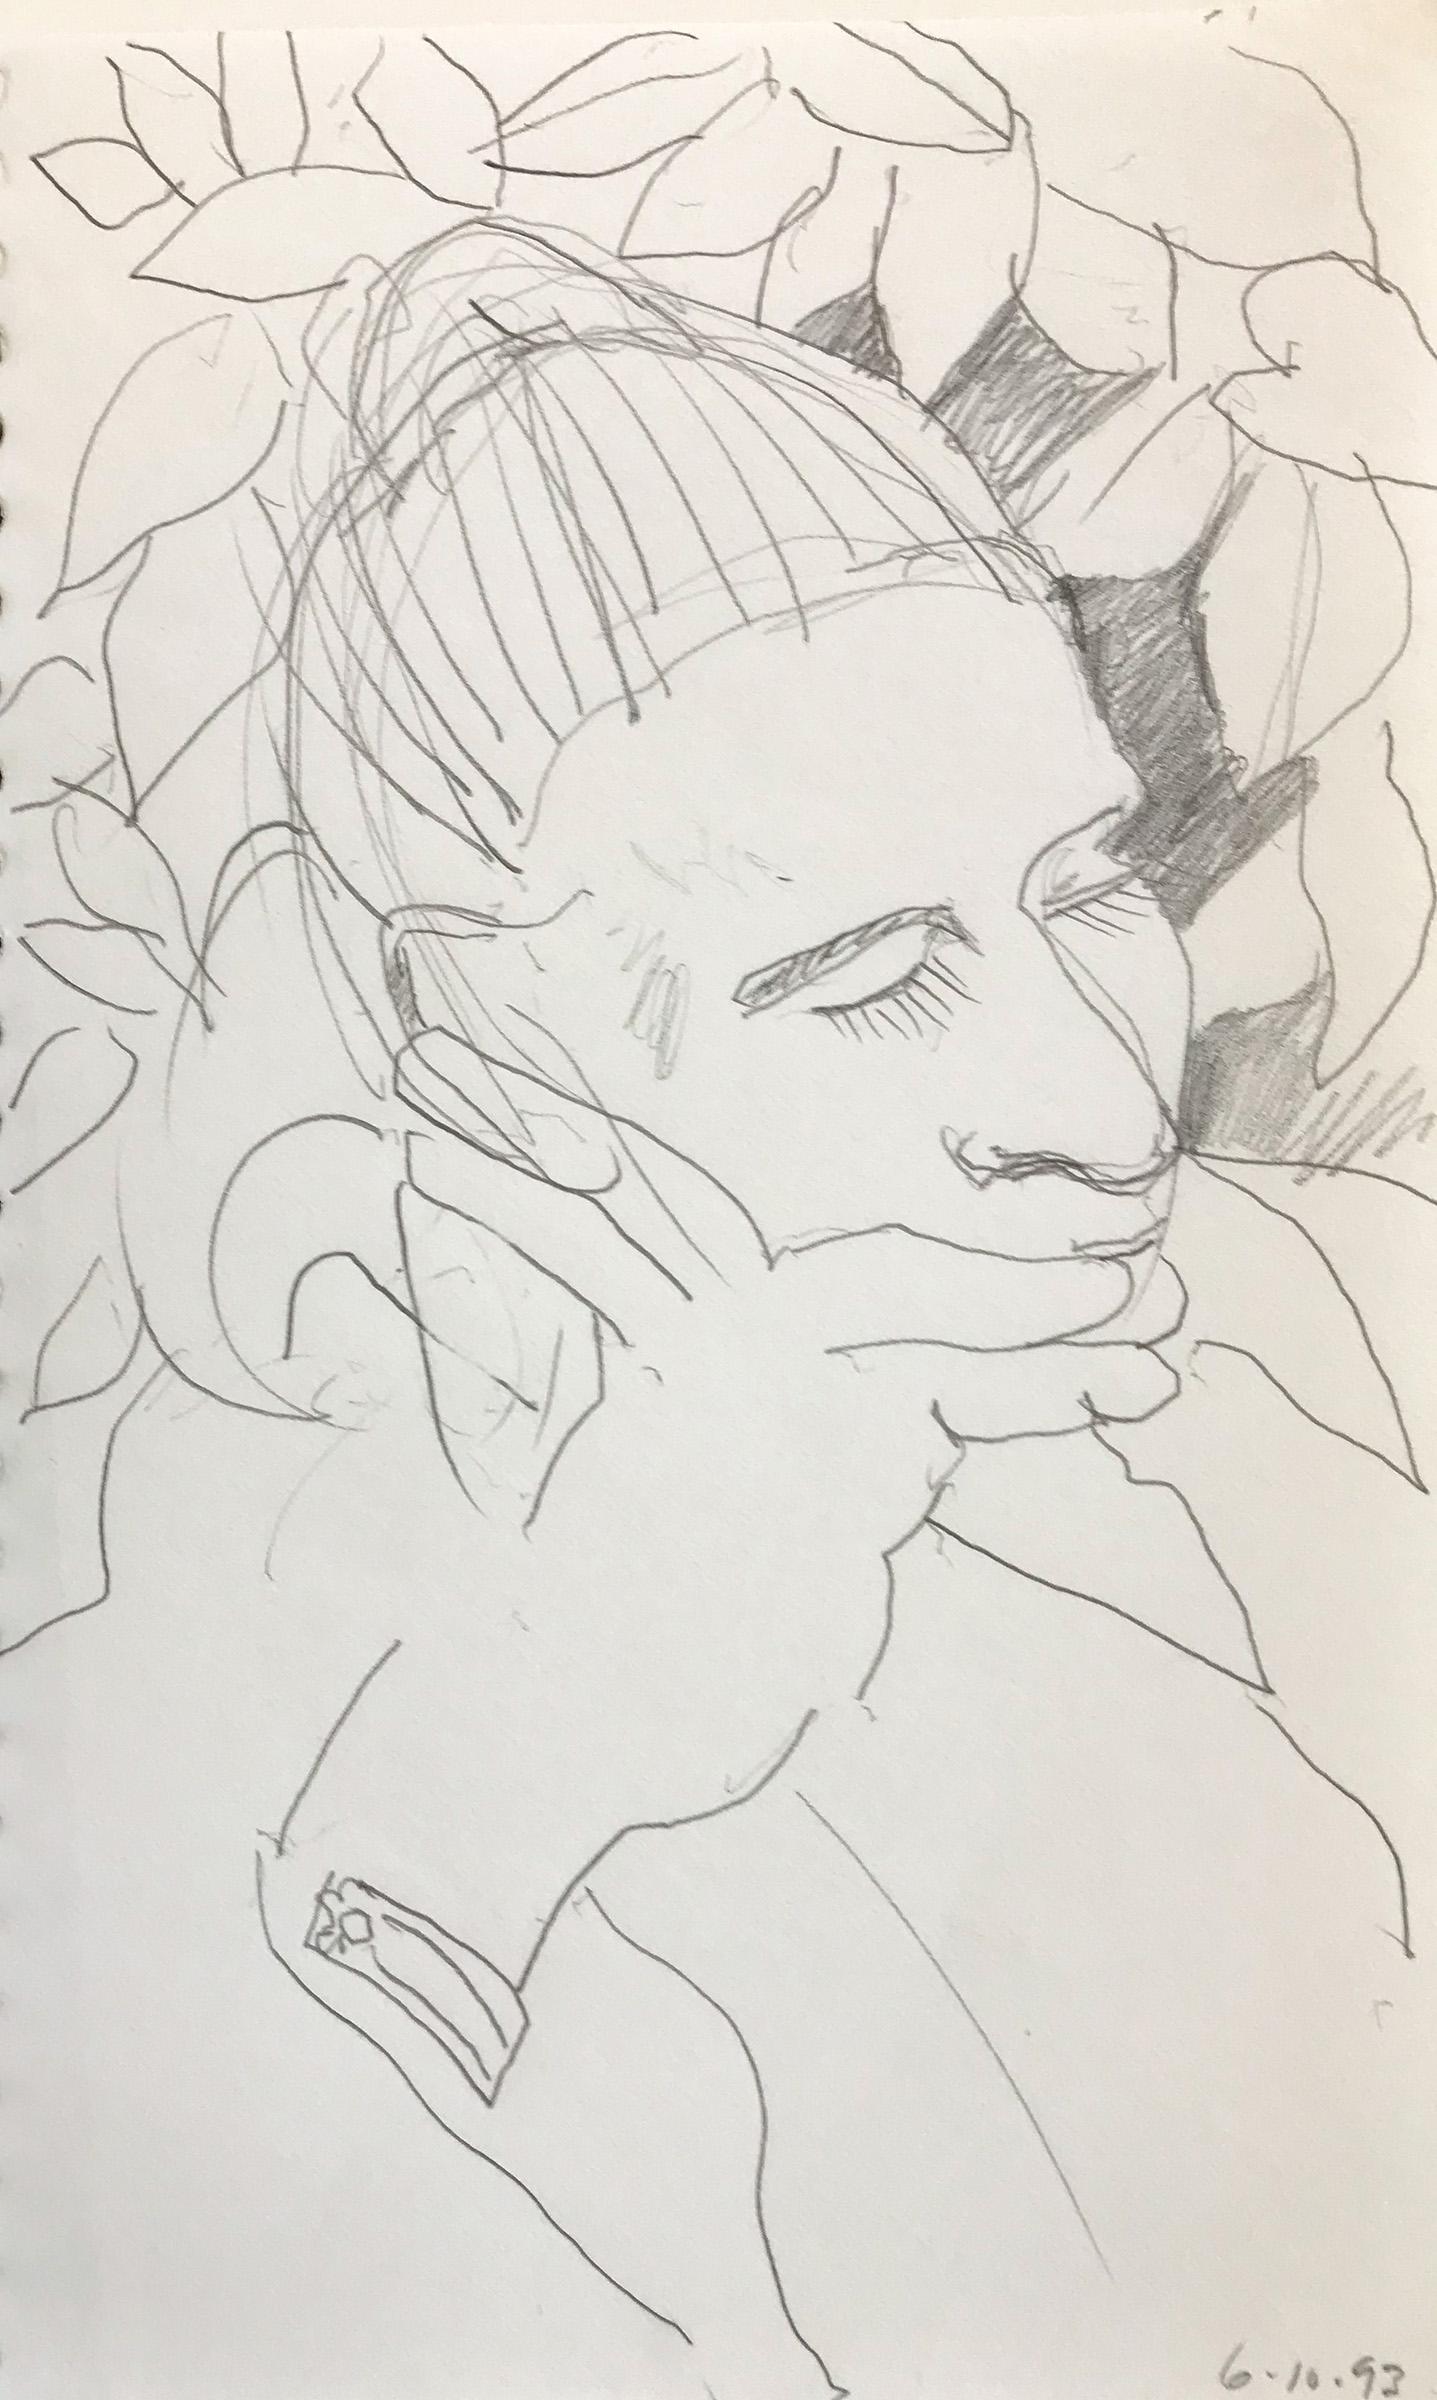 6-11-93 drawing